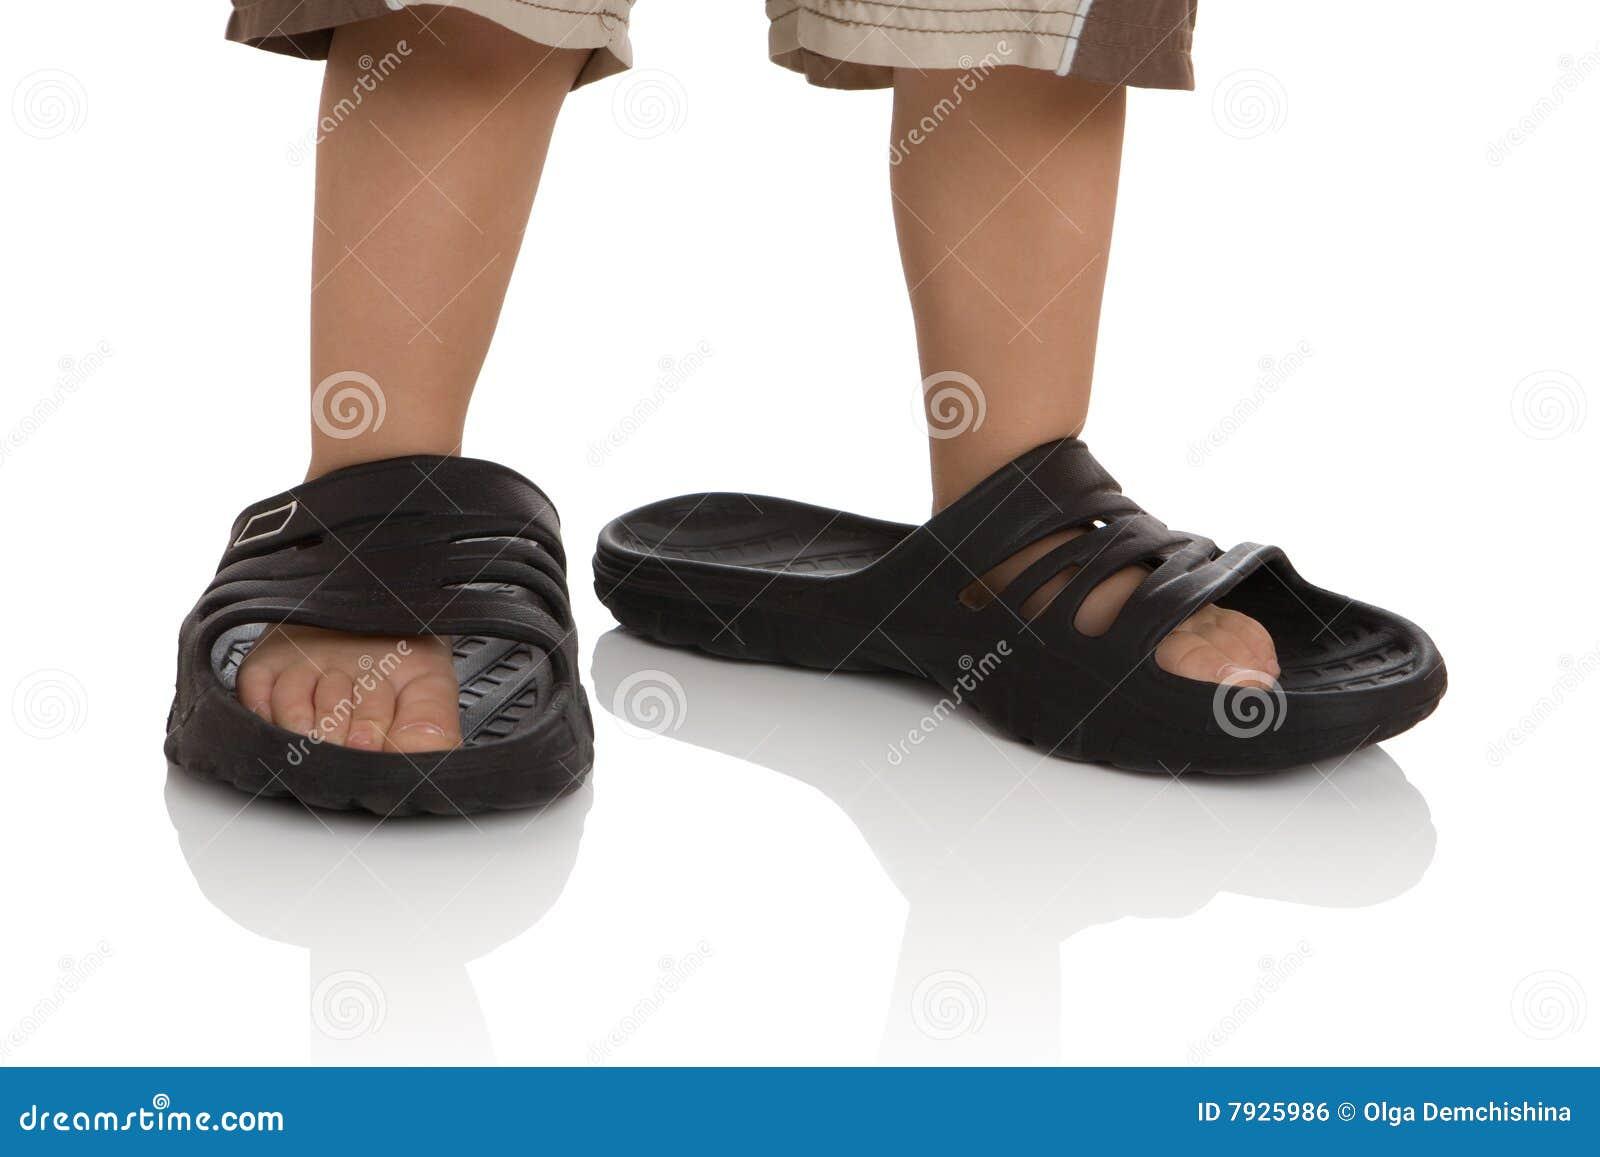 De voeten van het kind in grote pantoffels